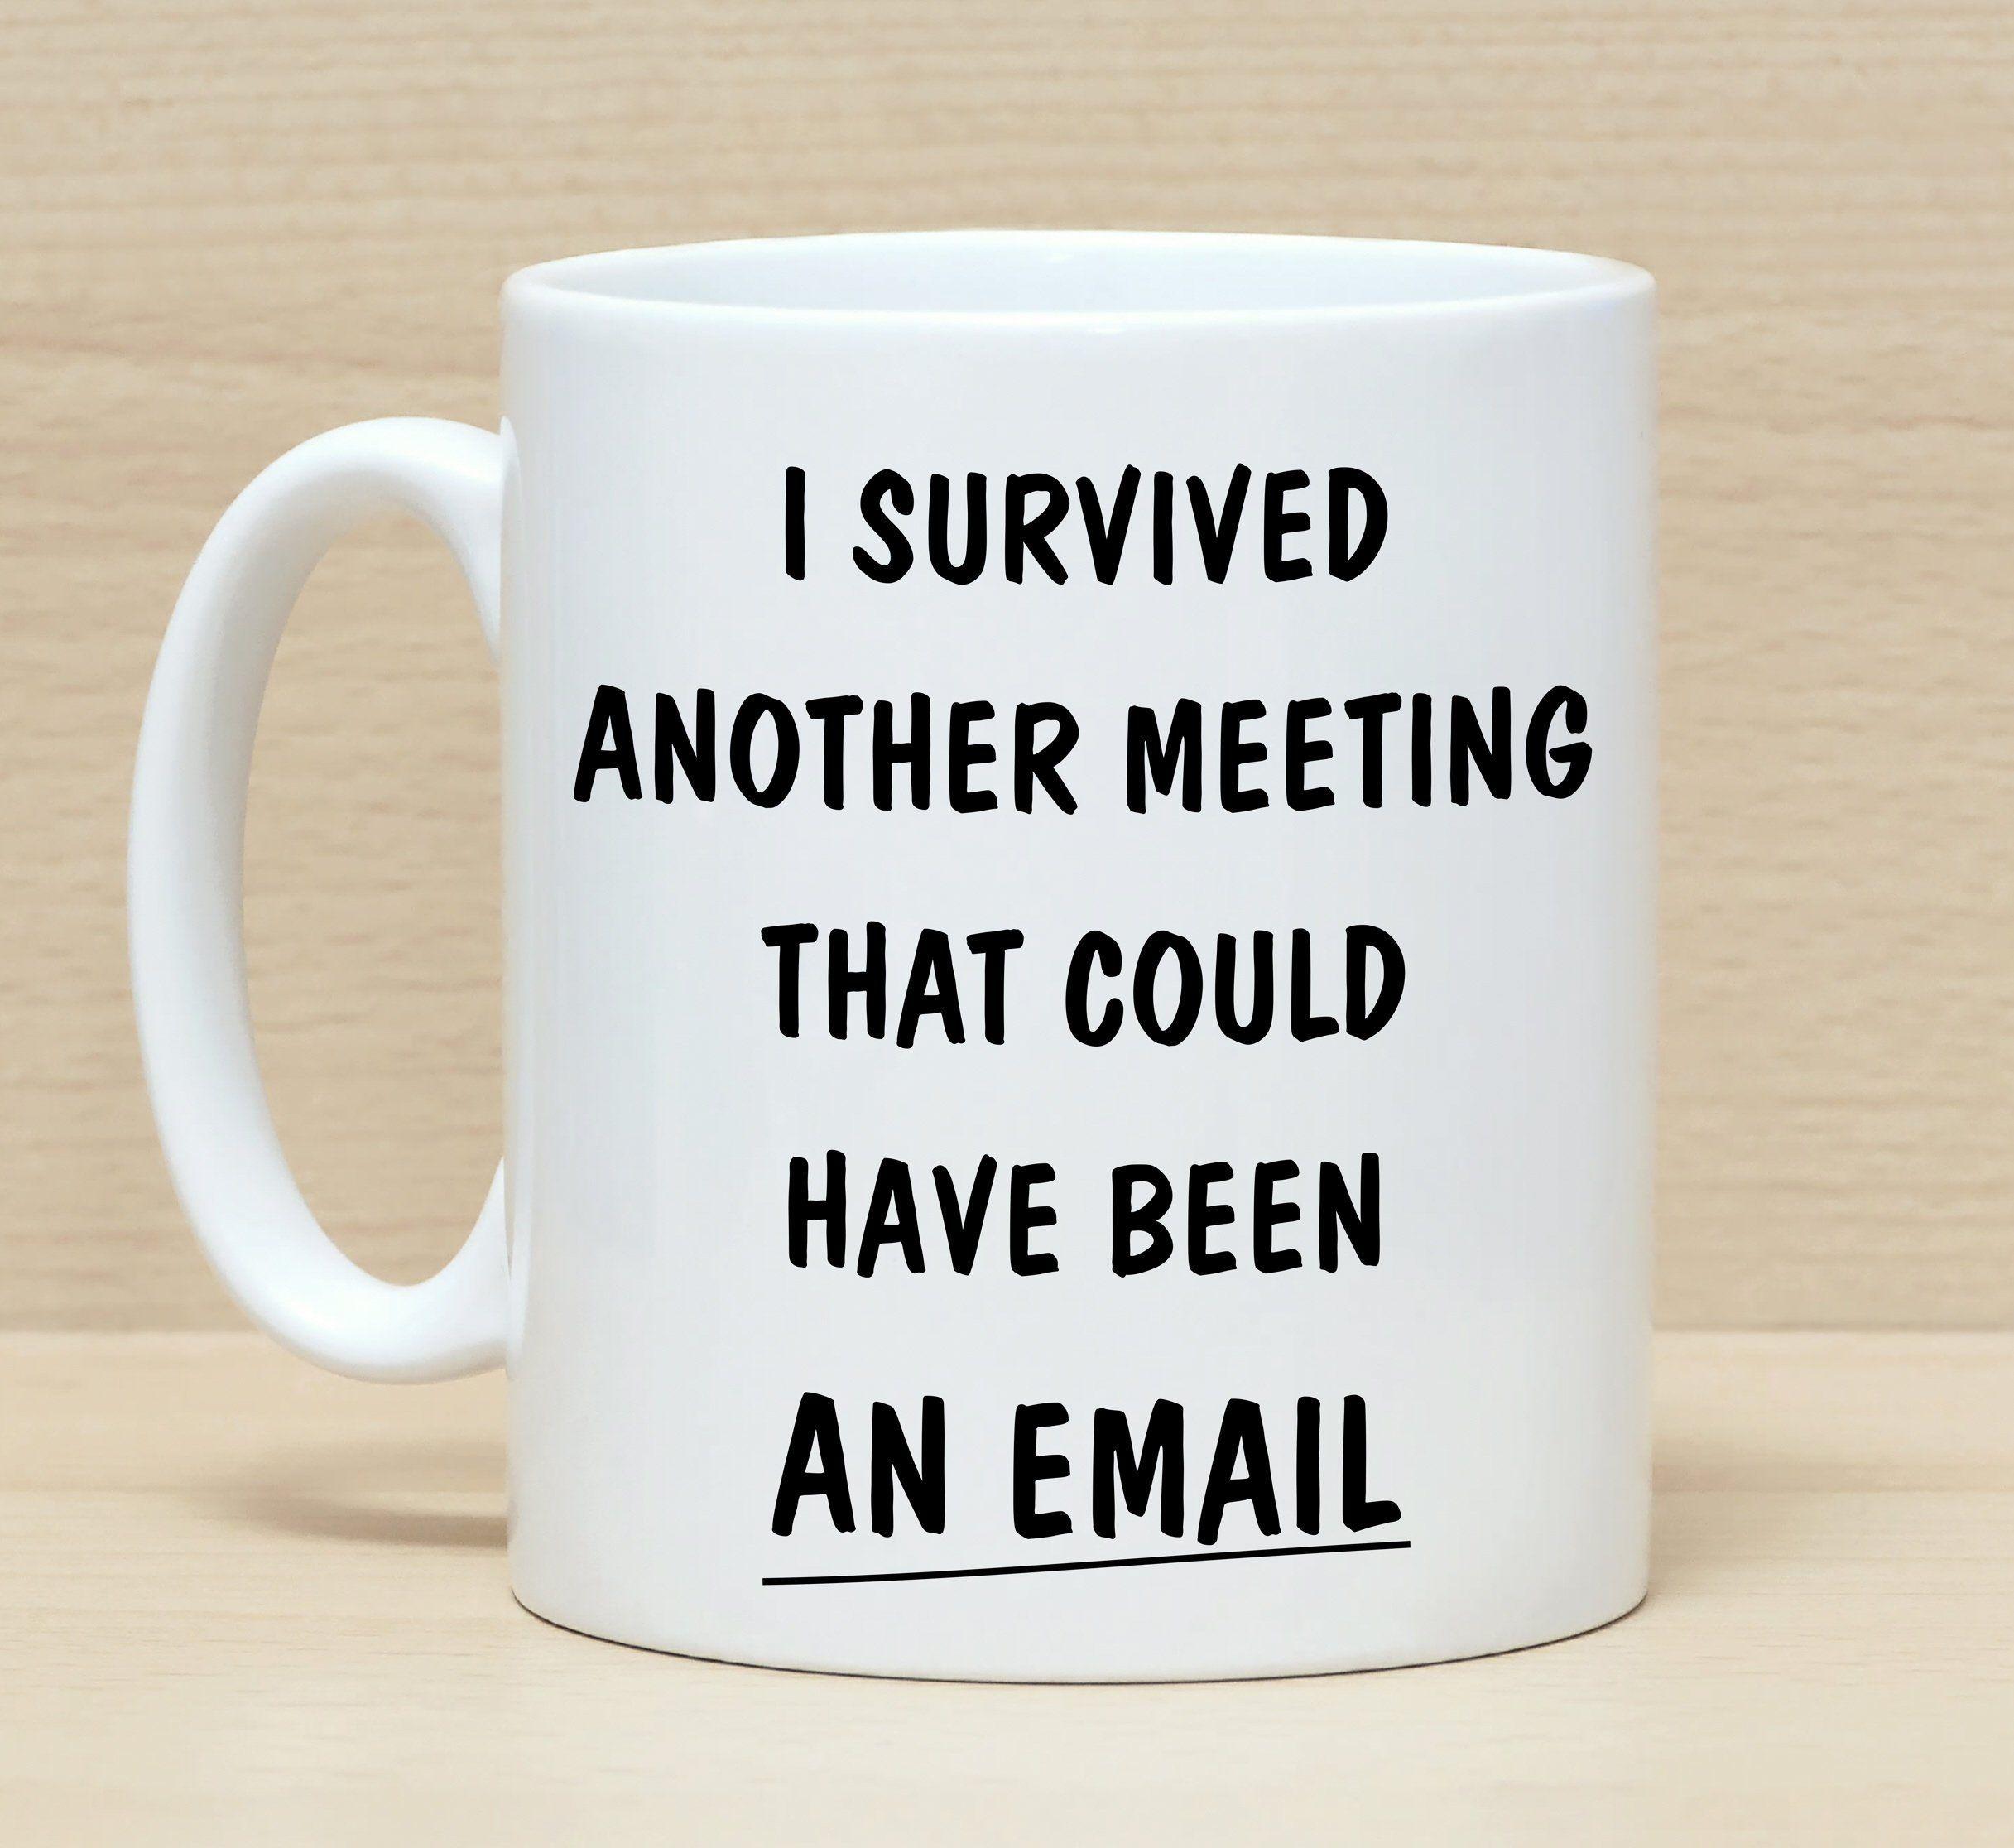 Funny Coffee Mugs Work Mug Office Mug Mug With Saying Meeting Email Funny Work Mug Mug For Colleagues Mug For Work Quotes Funny Work Humor Funny Quotes